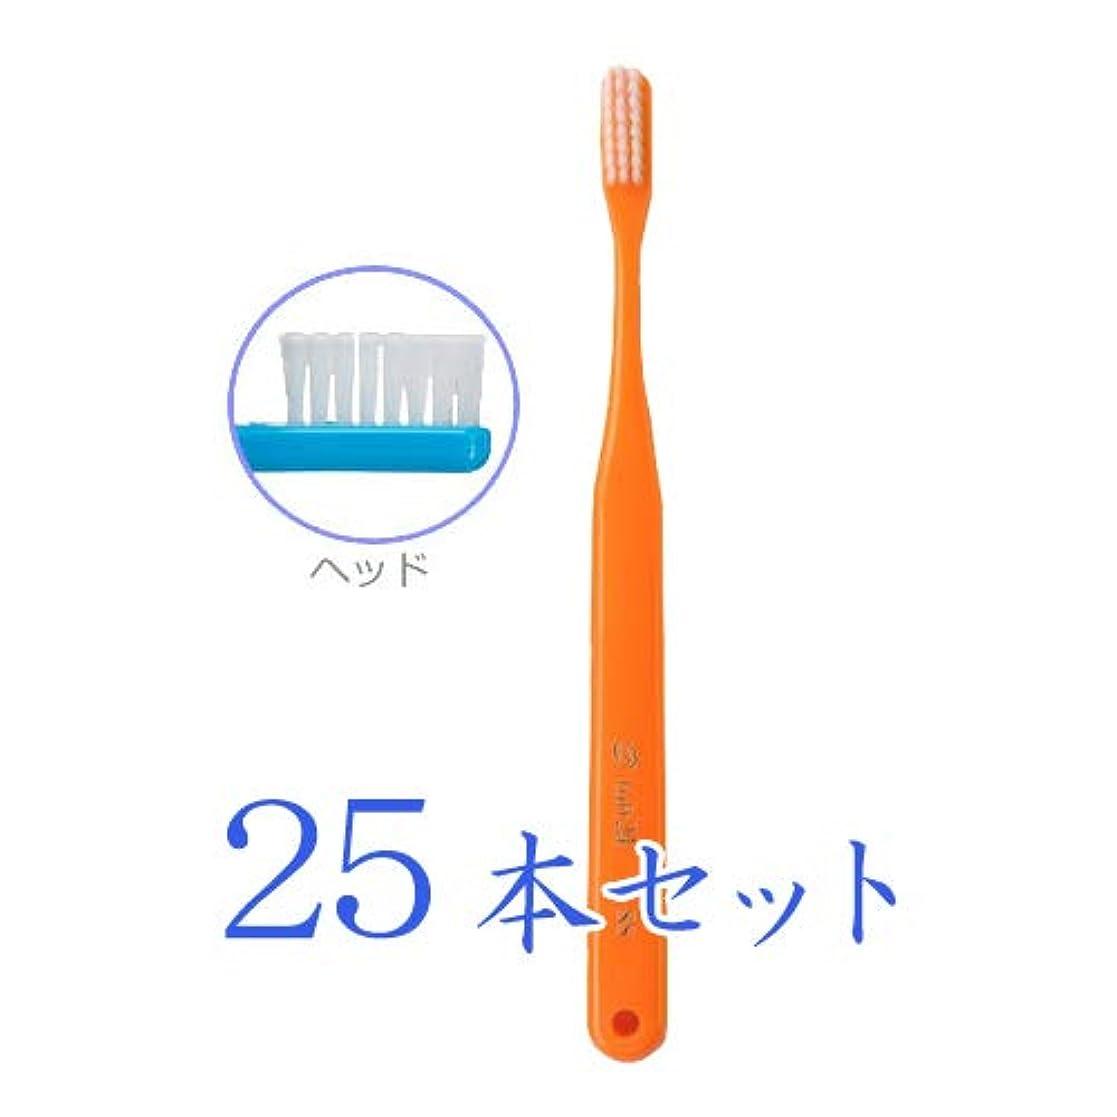 参加者病気だと思うあなたのものオーラルケア タフト 24 歯ブラシ SS キャップなし 25本入 オレンジ